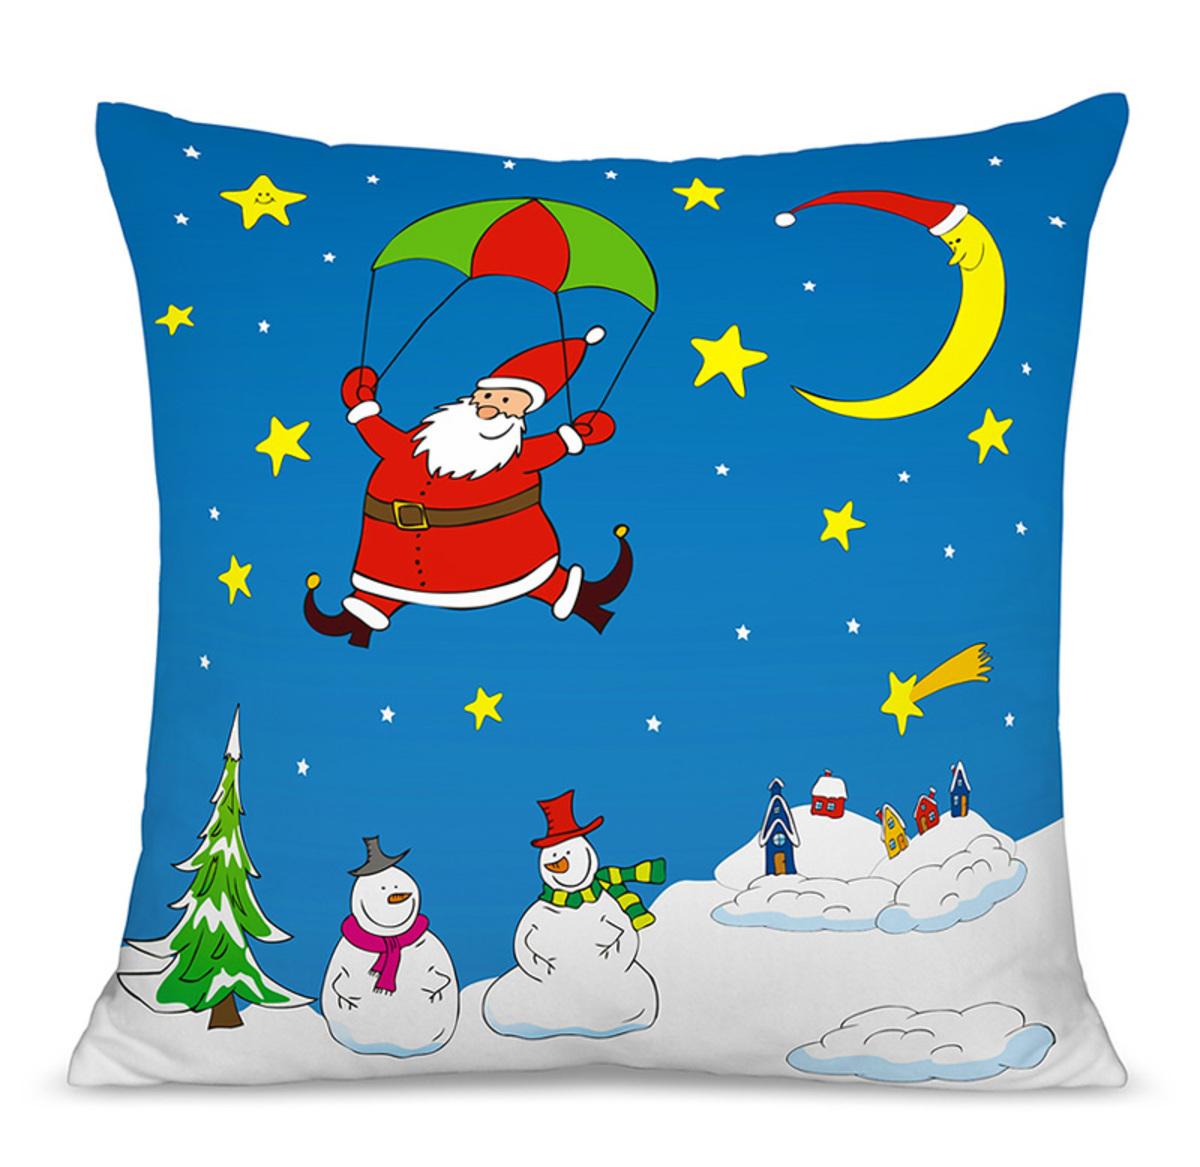 Vianočný detský vankúš 03 40x40 cm poťah + výplň